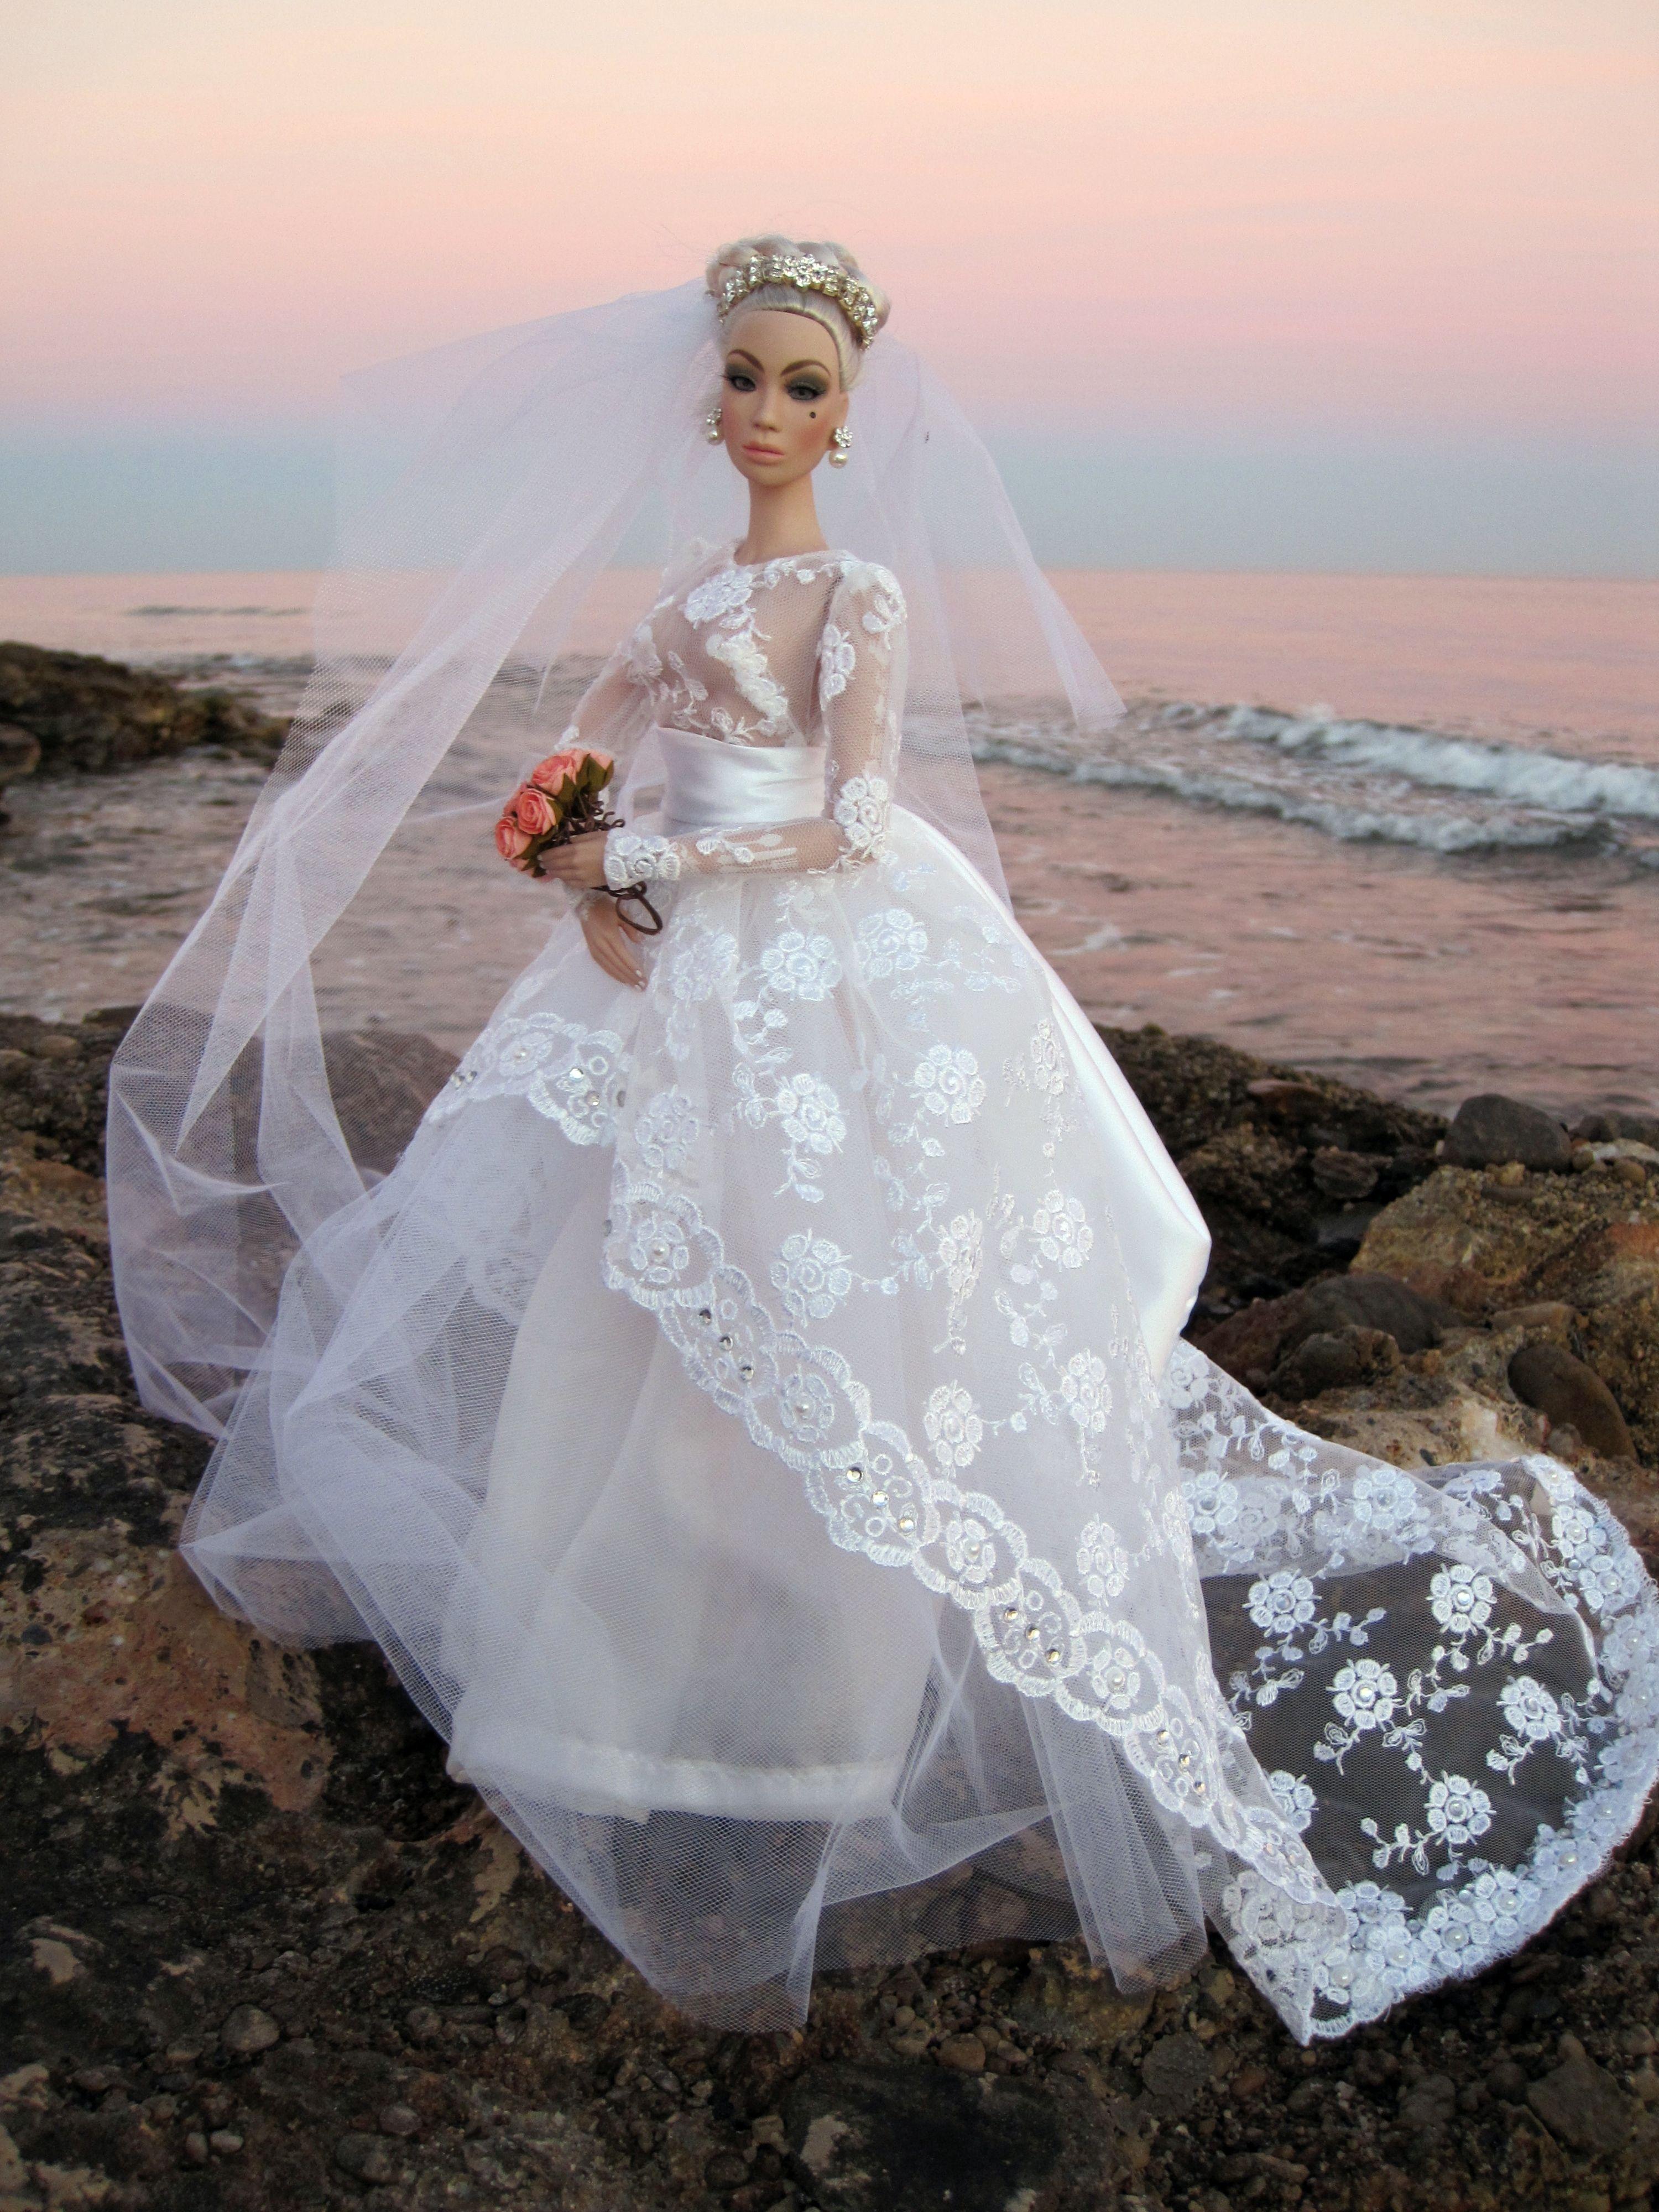 doll brides /aladol177/flickr / 177..17 qw  Doll wedding dress, Barbie